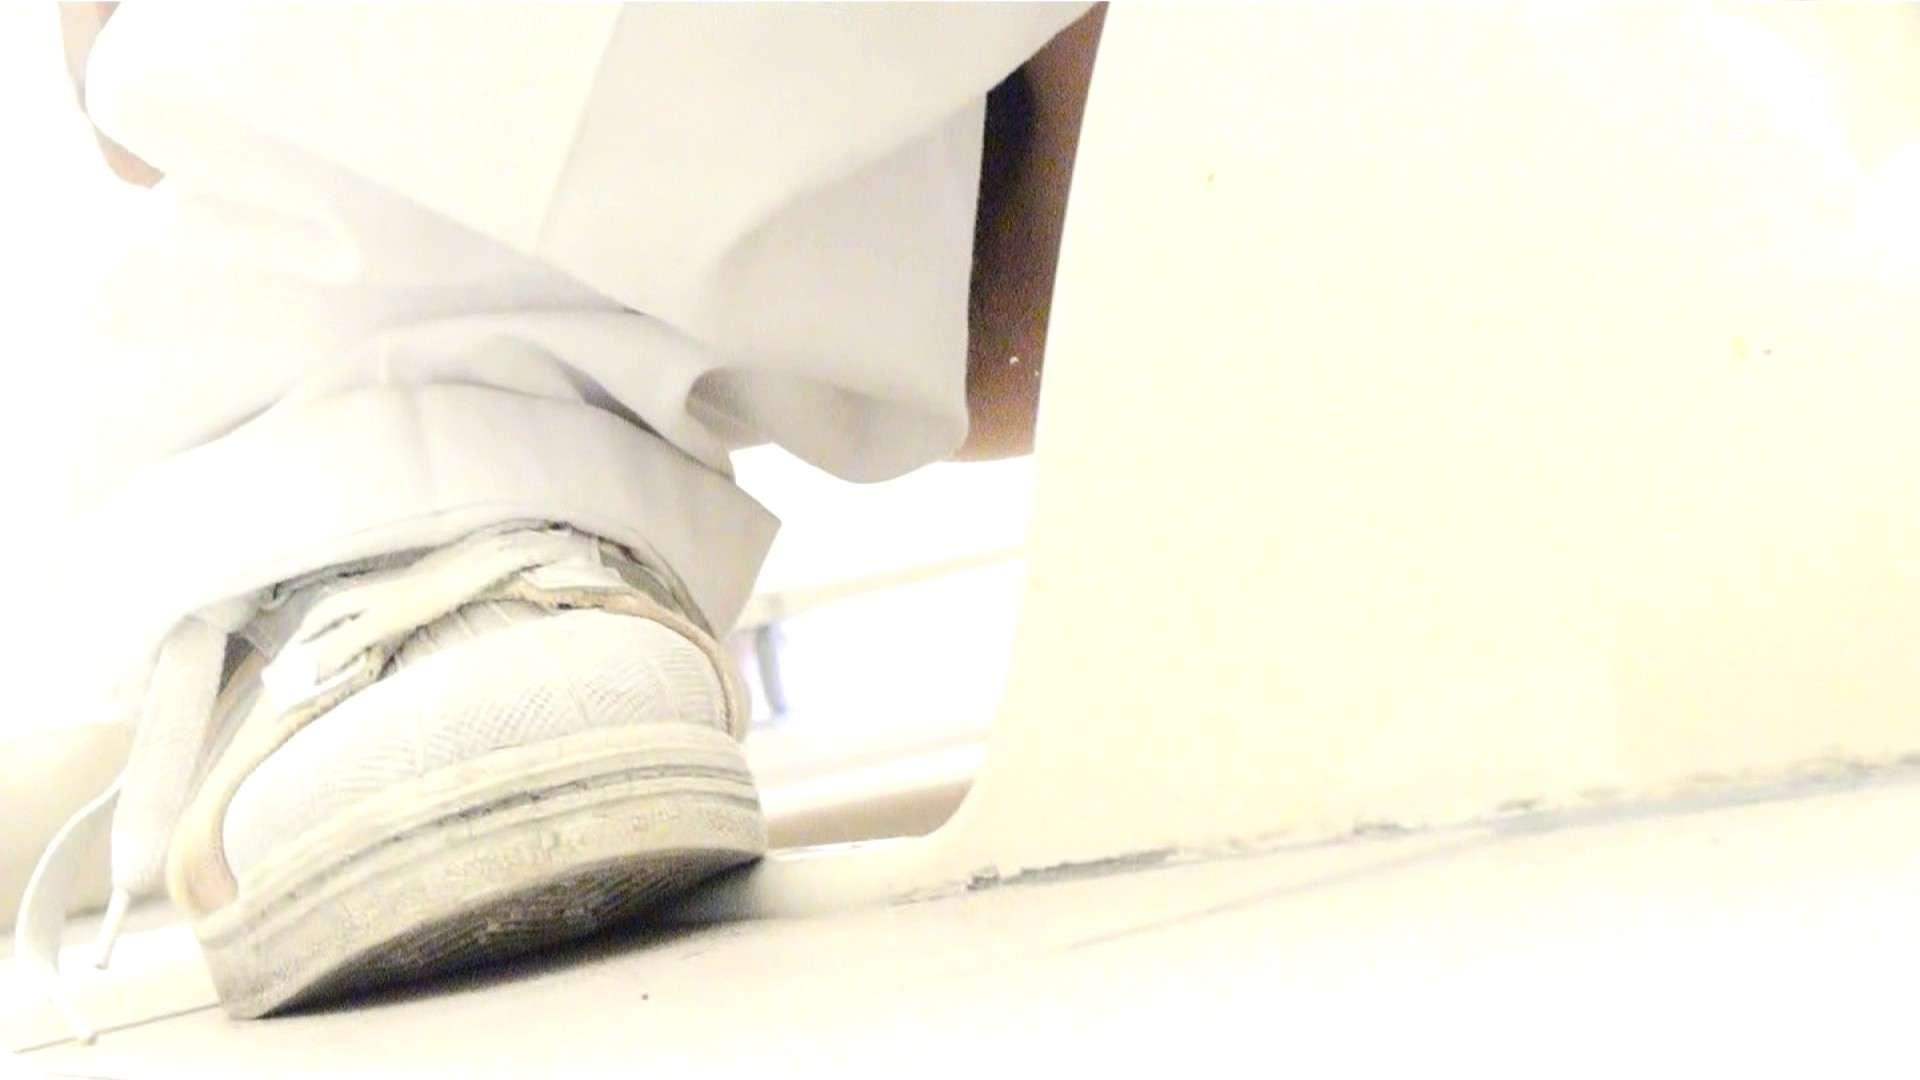 至高下半身盗撮-PREMIUM-【院内病棟編 】 vol.05 洗面所 | ナース編  72連発 25